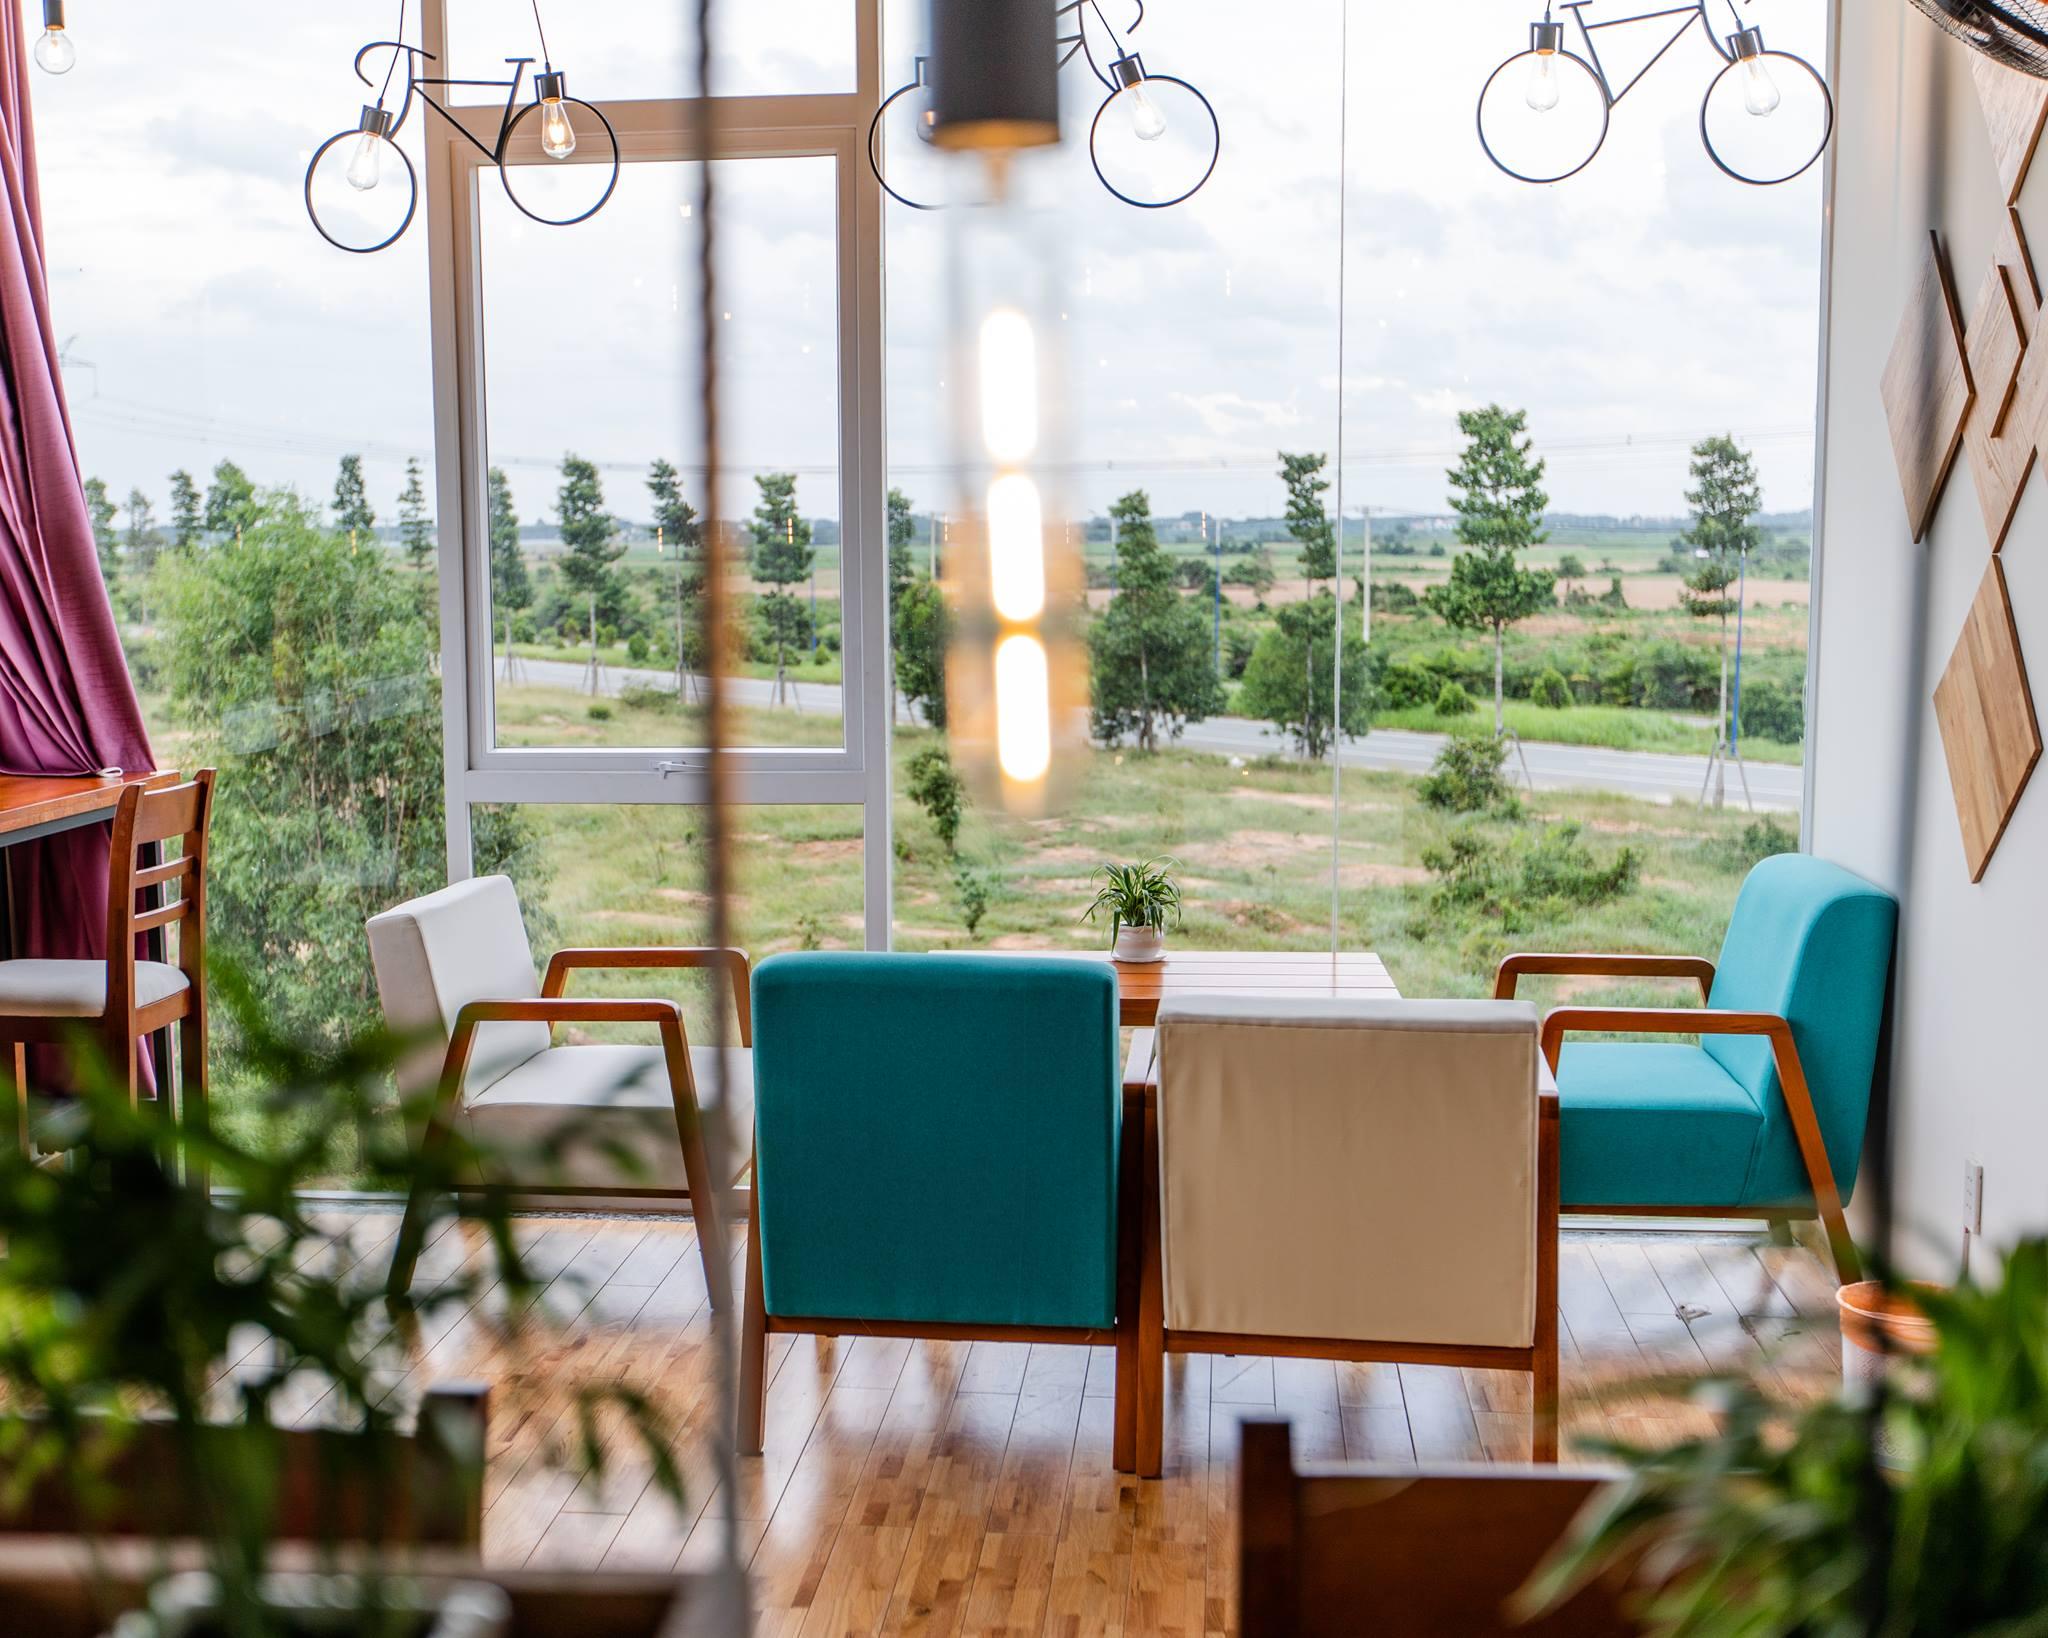 View xung quanh chỉ có cây cối, không khí vô cùng trong lành. Hình: Hoàng Phúc Cafe